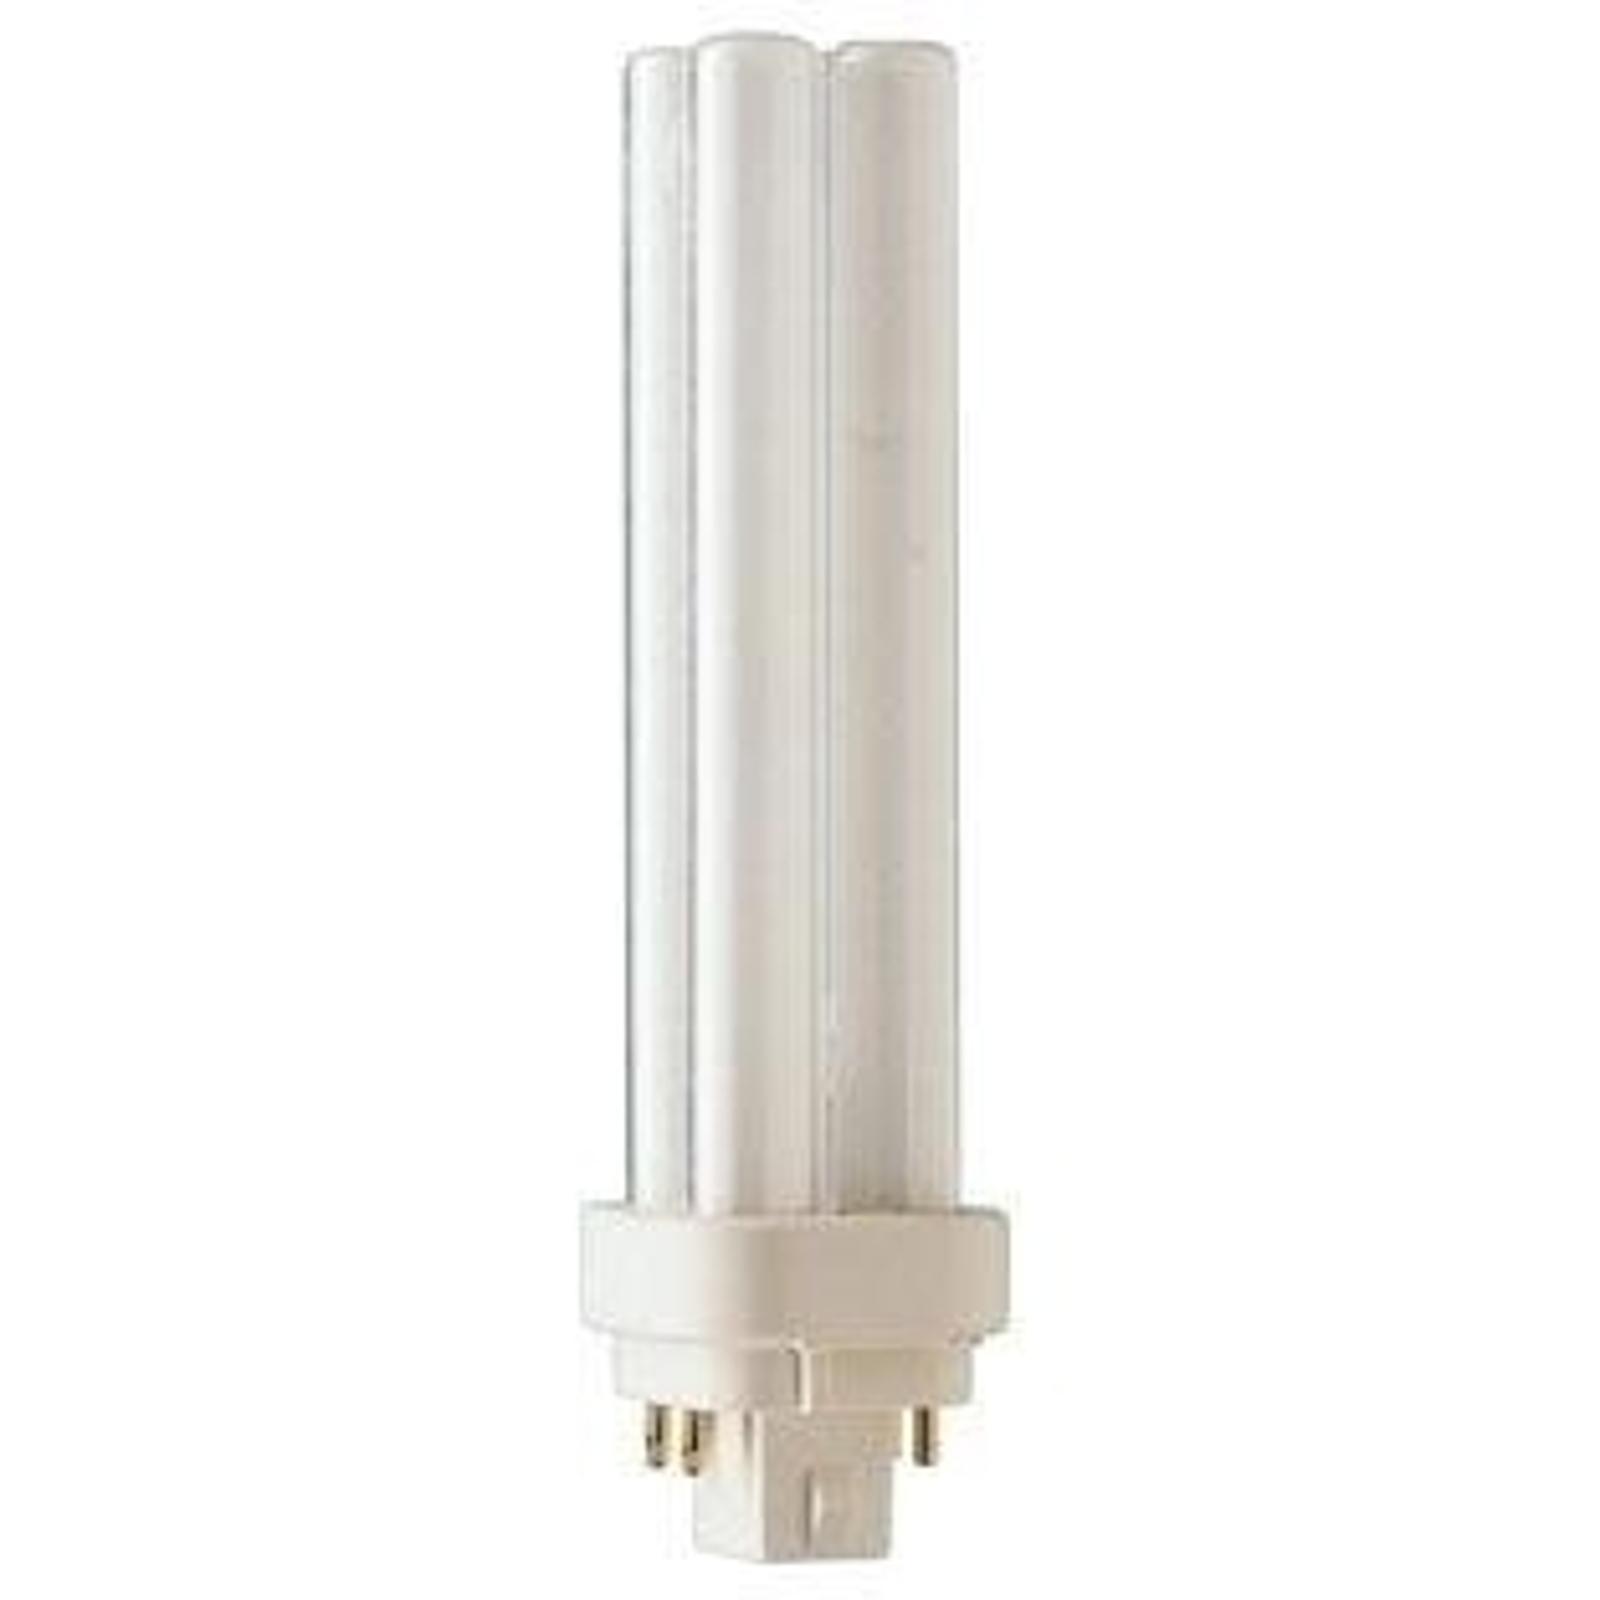 G24q Kompaktleuchtstofflampe Master PL-C 4Pin